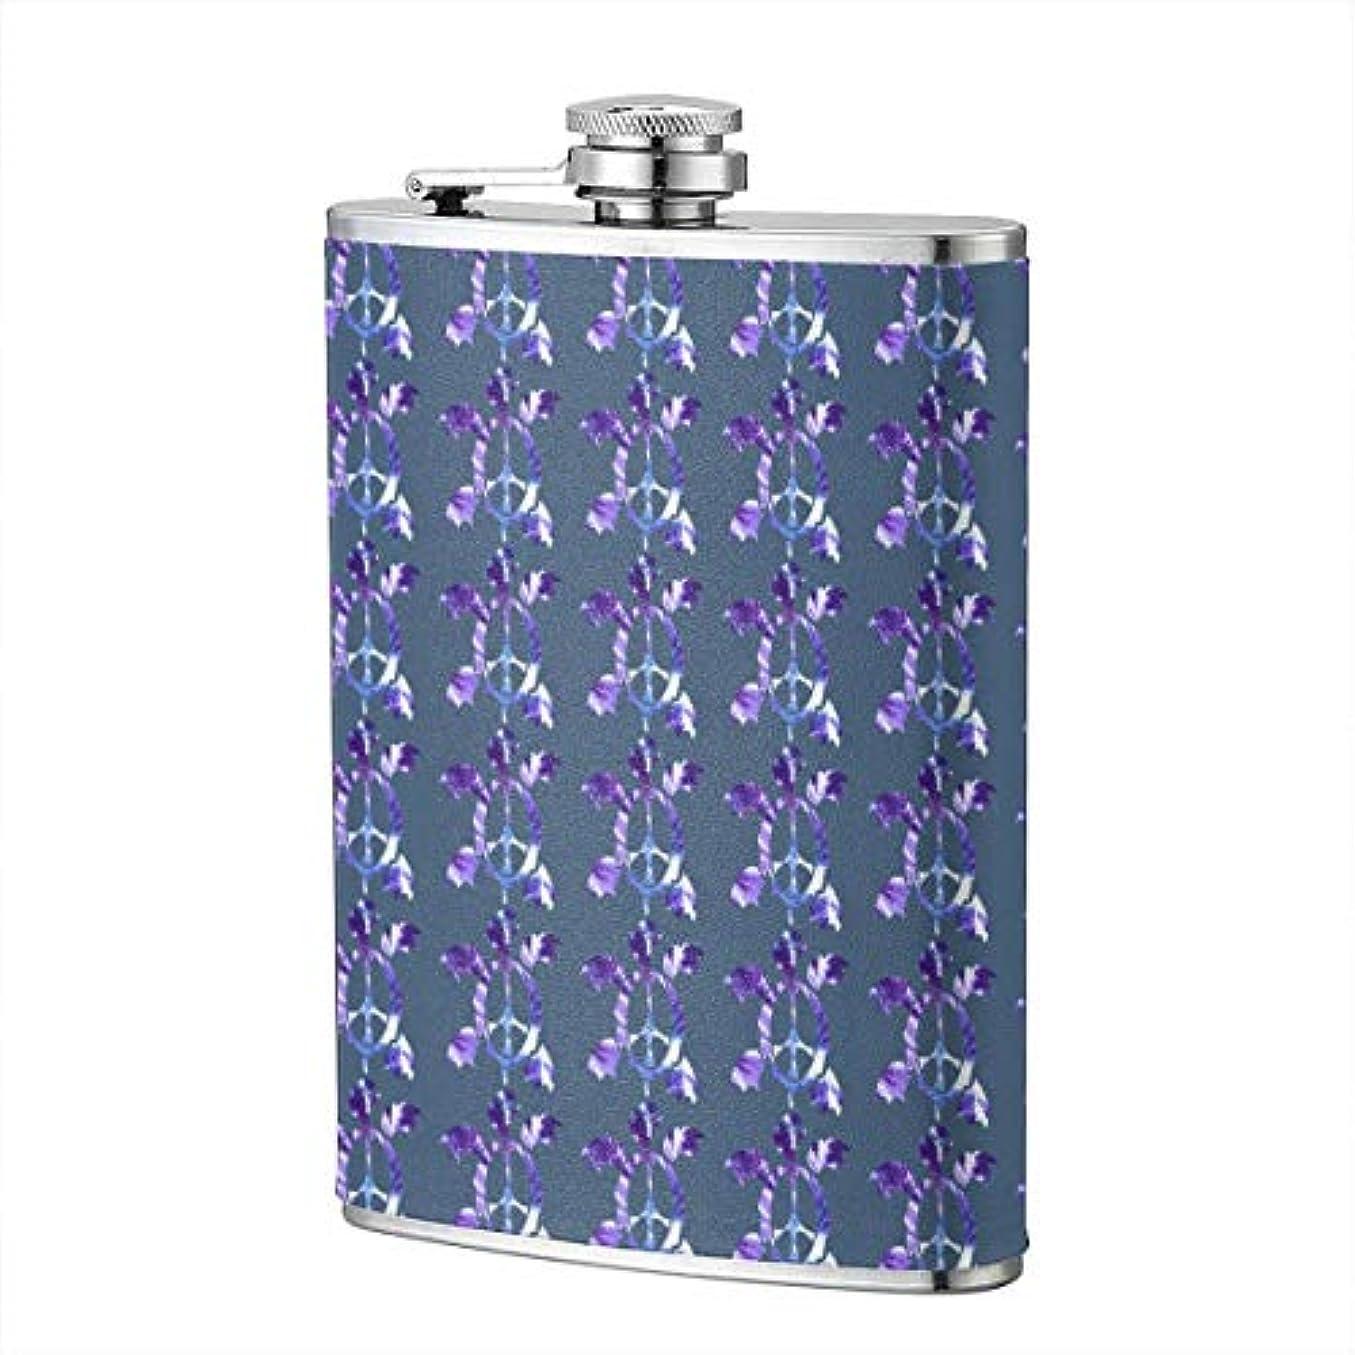 影響力のある立ち向かう緊張スキットル お酒壺 8オンス フラスコ 清酒 ボトル ステンレス製 紫星空 亀 シルエット 持ち運び易い ポケット入れ 軽量 錆無し プレゼント 山登り 間柄 キャップ付き 上質